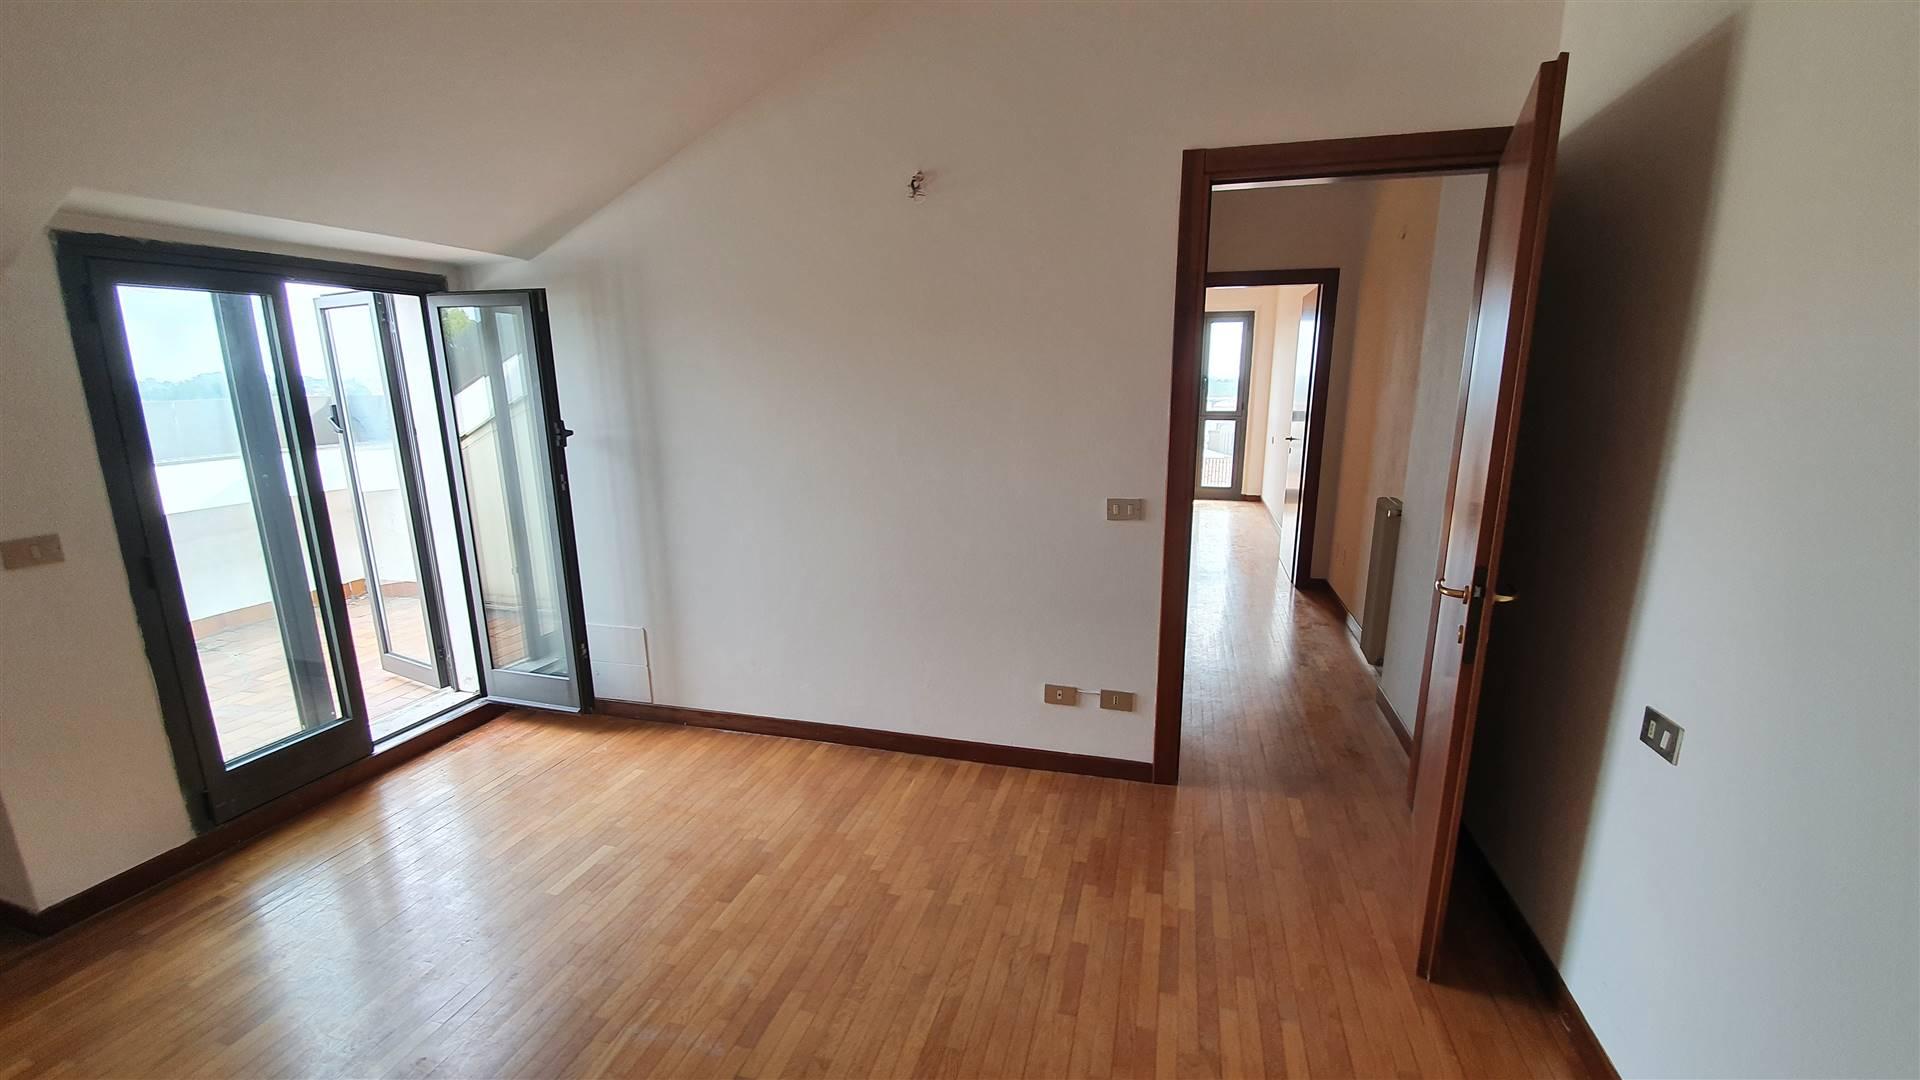 Appartamento in vendita a Ospedaletto Euganeo, 5 locali, prezzo € 98.000 | PortaleAgenzieImmobiliari.it